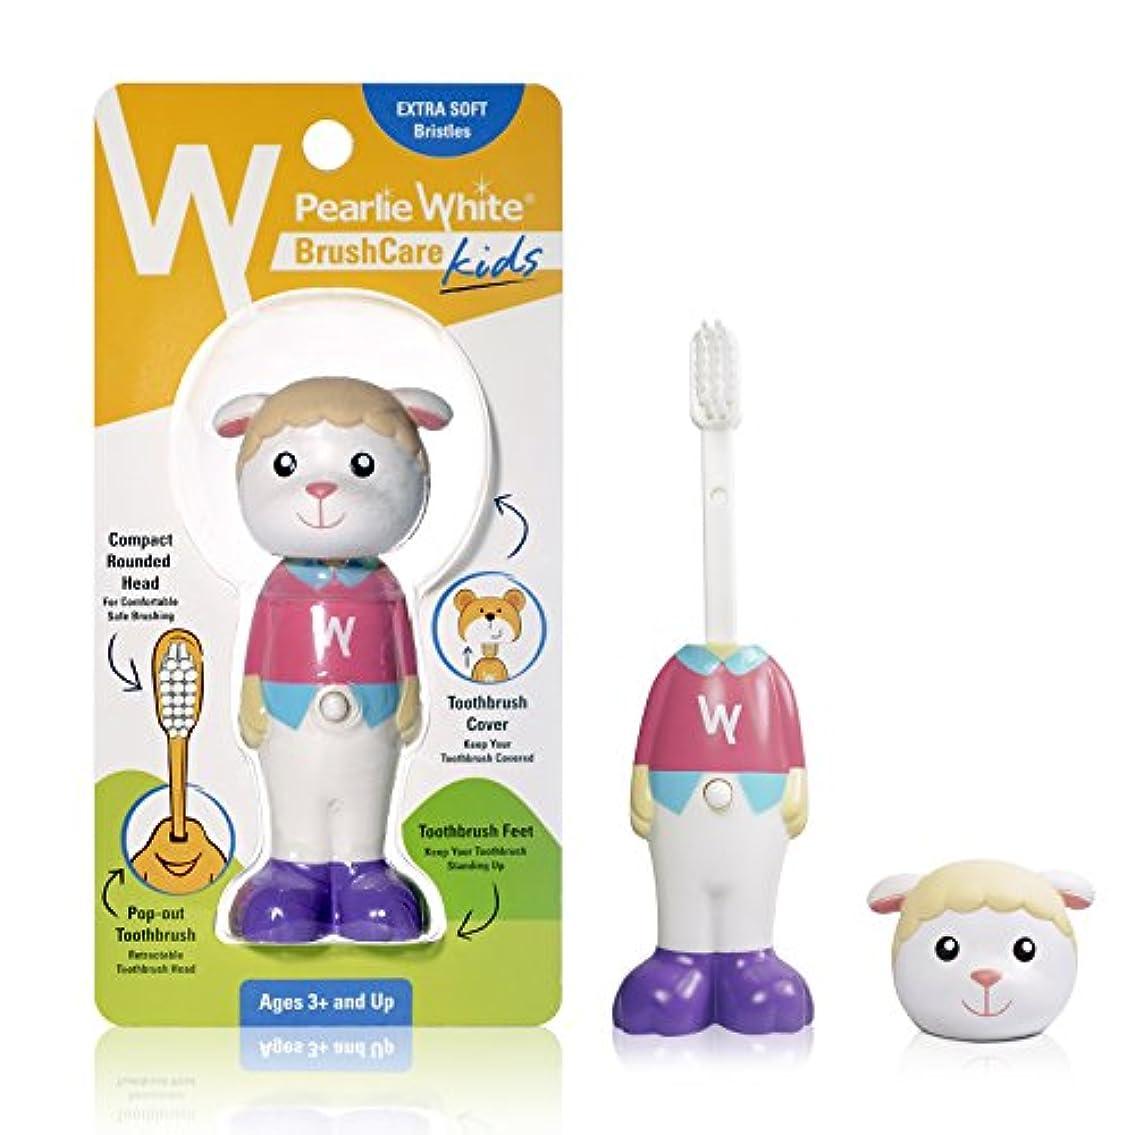 Pearlie White(パーリーホワイト) ブラシケア キッズ SHEEP(ヒツジ) (1本)